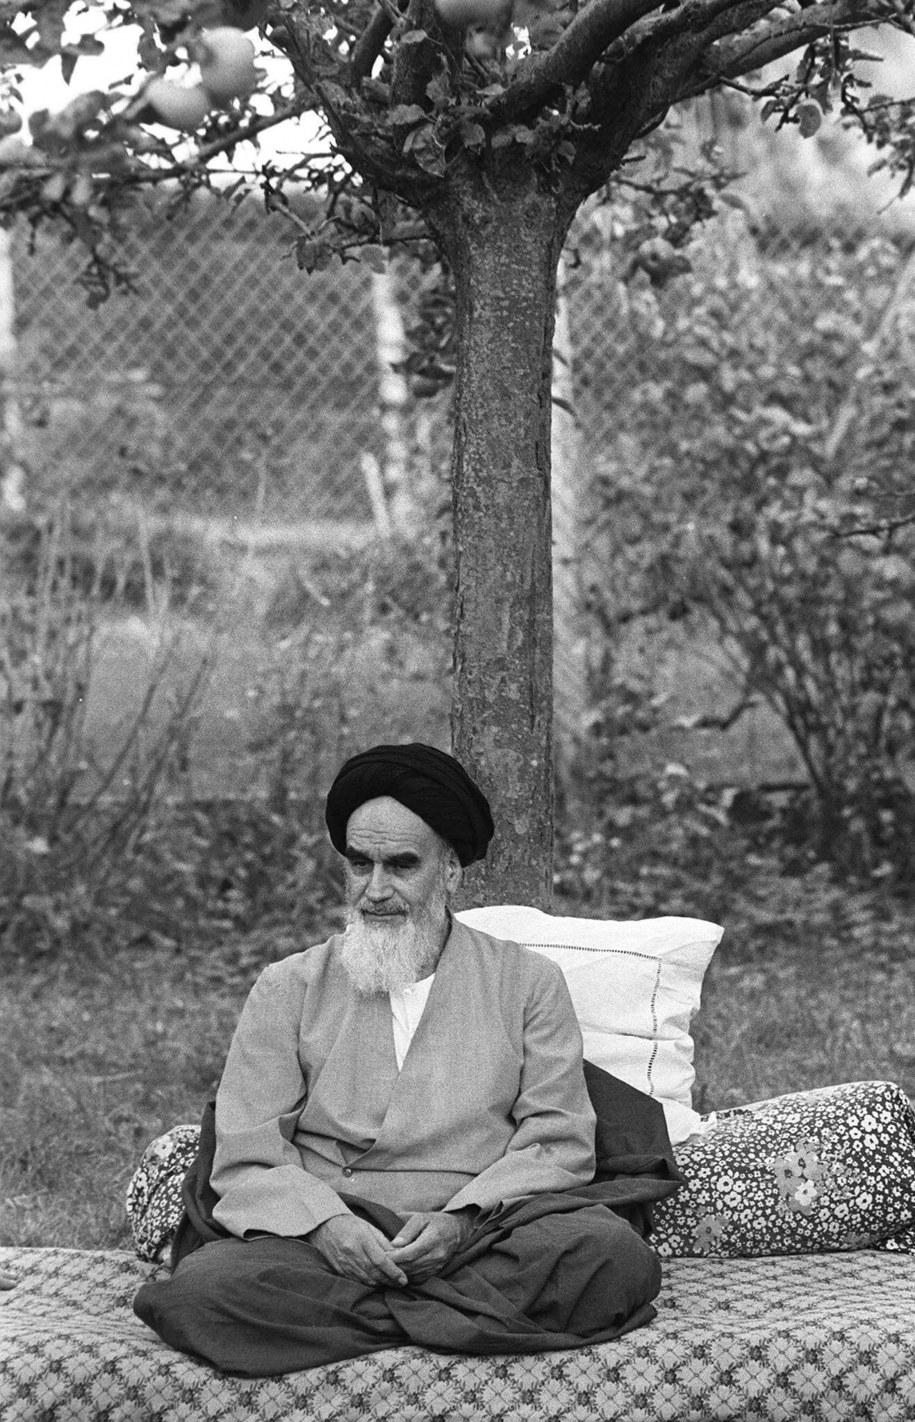 Ruhollah Chomeini urodził się w rodzinie szyickich uczonych we wsi pod Teheranem w 1902 r. /PAP/EPA